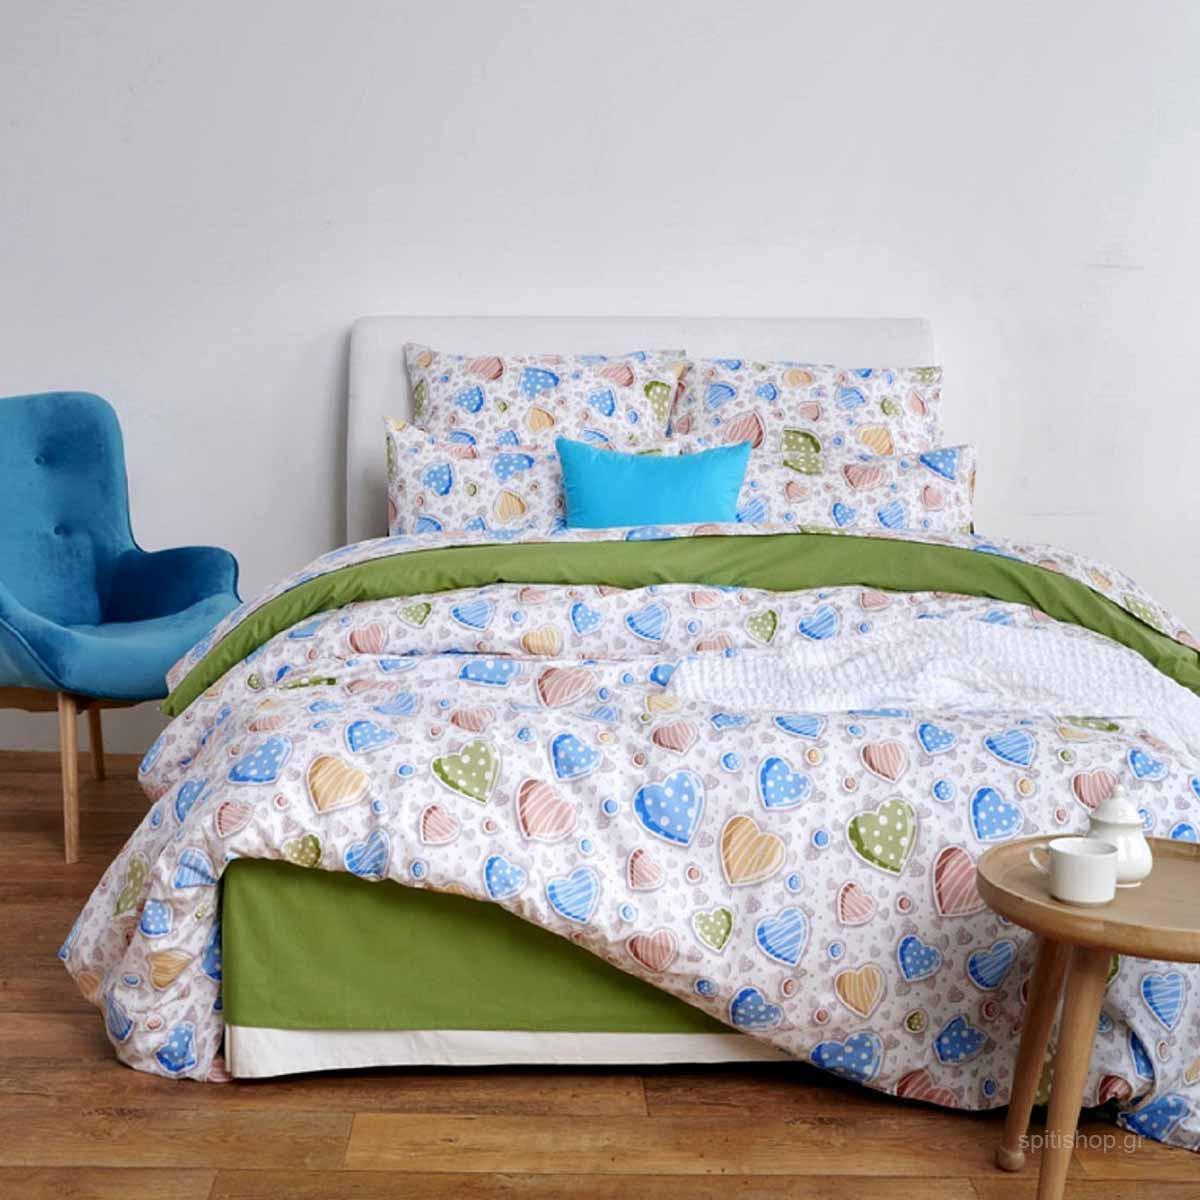 Ζεύγος Μαξιλαροθήκες Sb Home In Love Blue